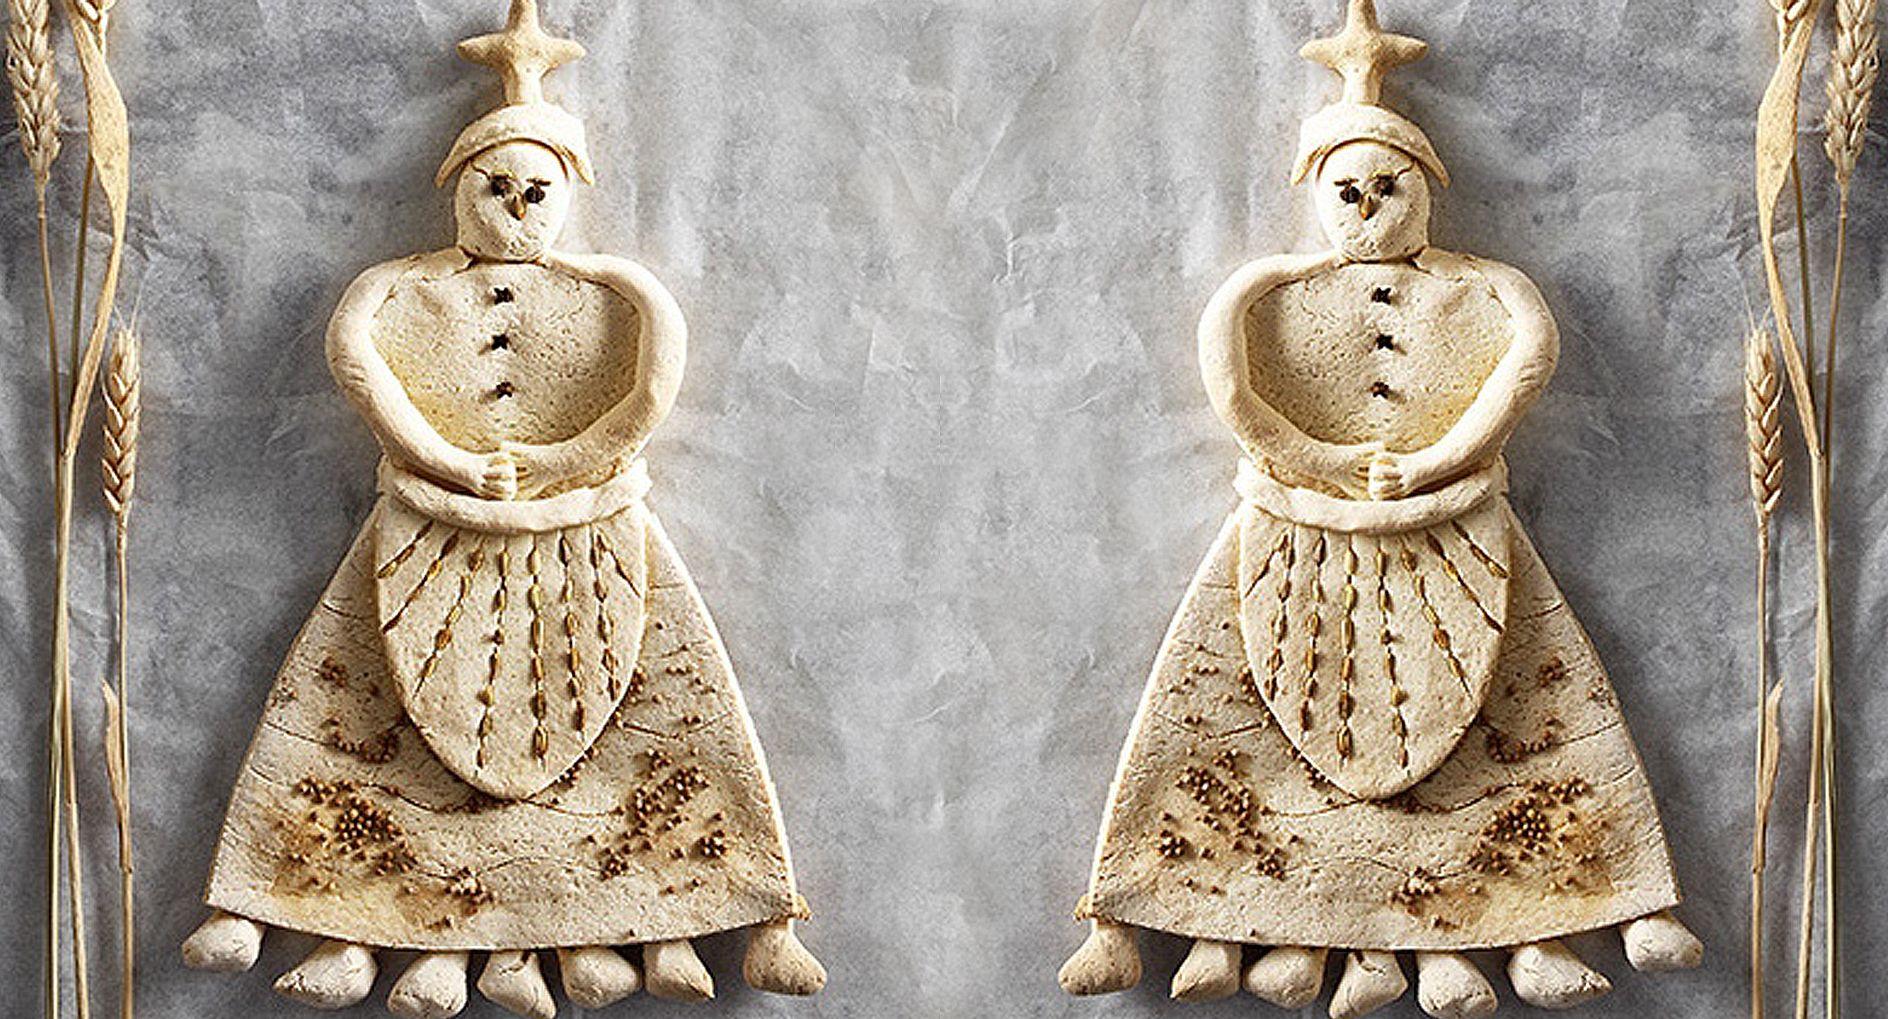 Η Κυρά Σαρακοστή και τι συμβολίζει η μορφή της